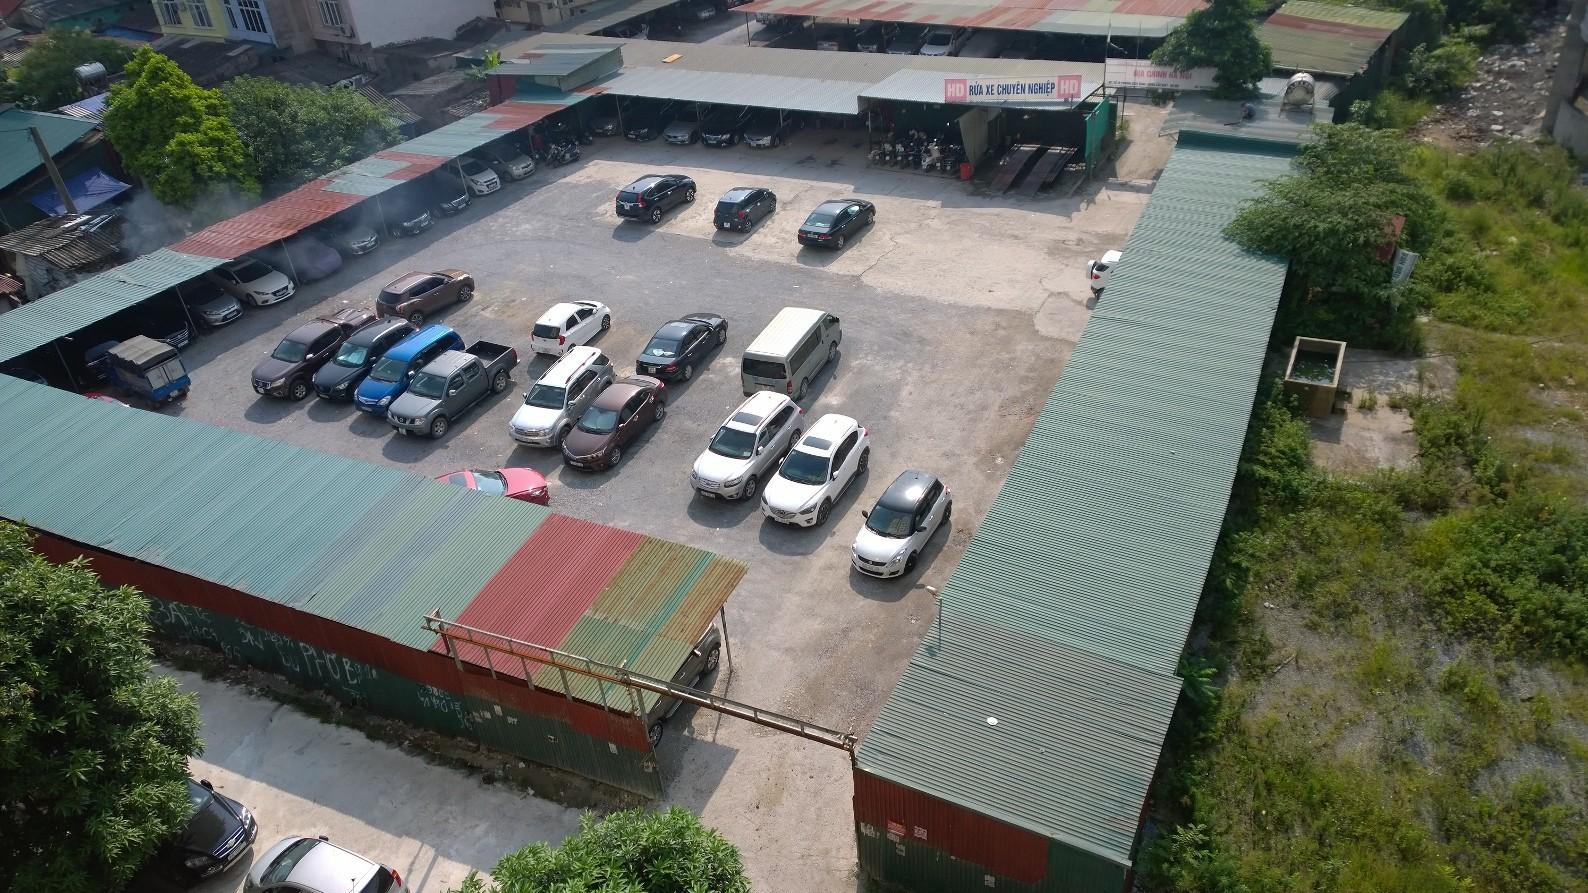 Quận Cầu Giấy (Hà Nội): Hàng loạt bãi xe không phép ngang nhiên hoạt động trên đất dự án?